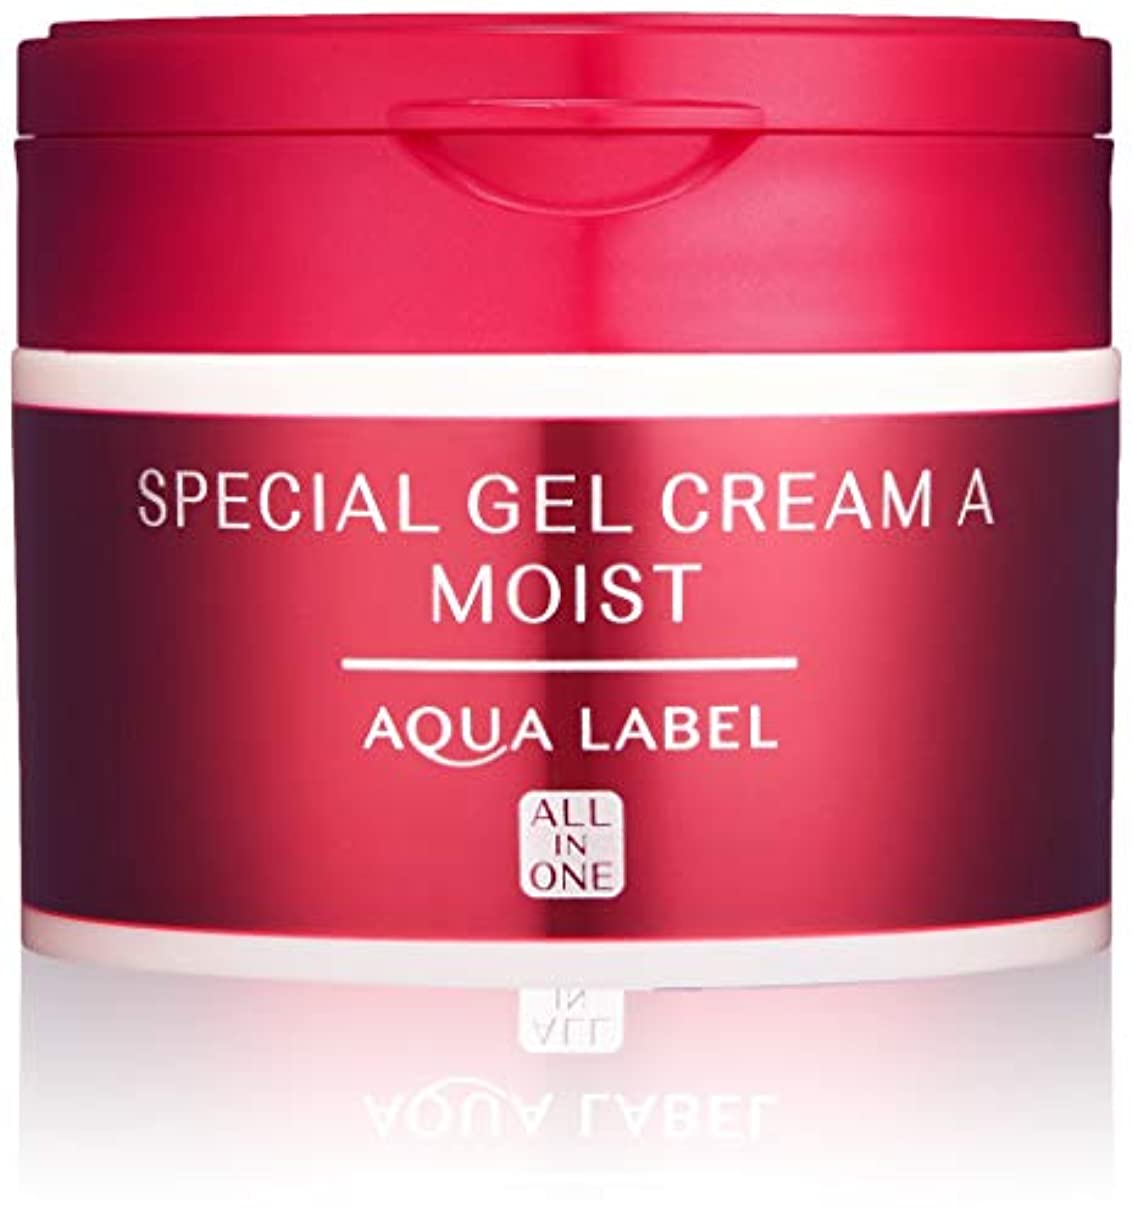 深さ超越する学校の先生AQUALABEL(アクアレーベル) アクアレーベル スペシャルジェルクリームA (モイスト) ハーバルローズの優しい香り 単品 90g